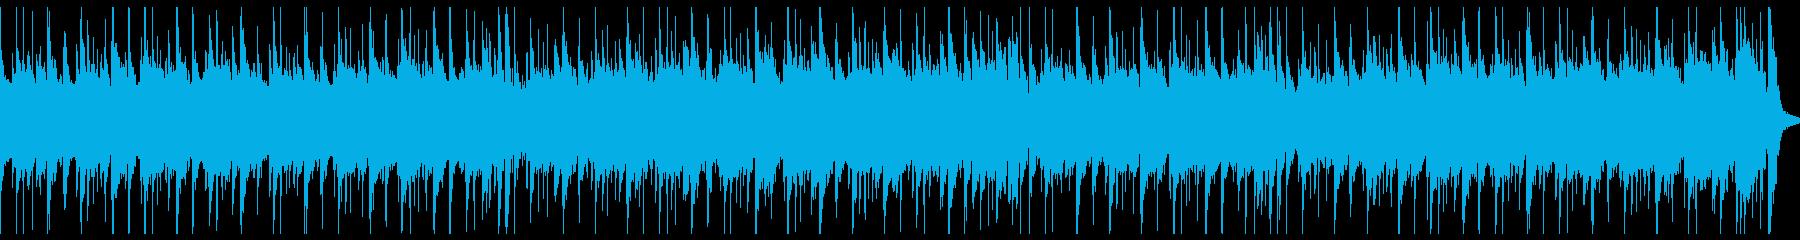 シンプルな曲調のギター&ドラムのBGMの再生済みの波形